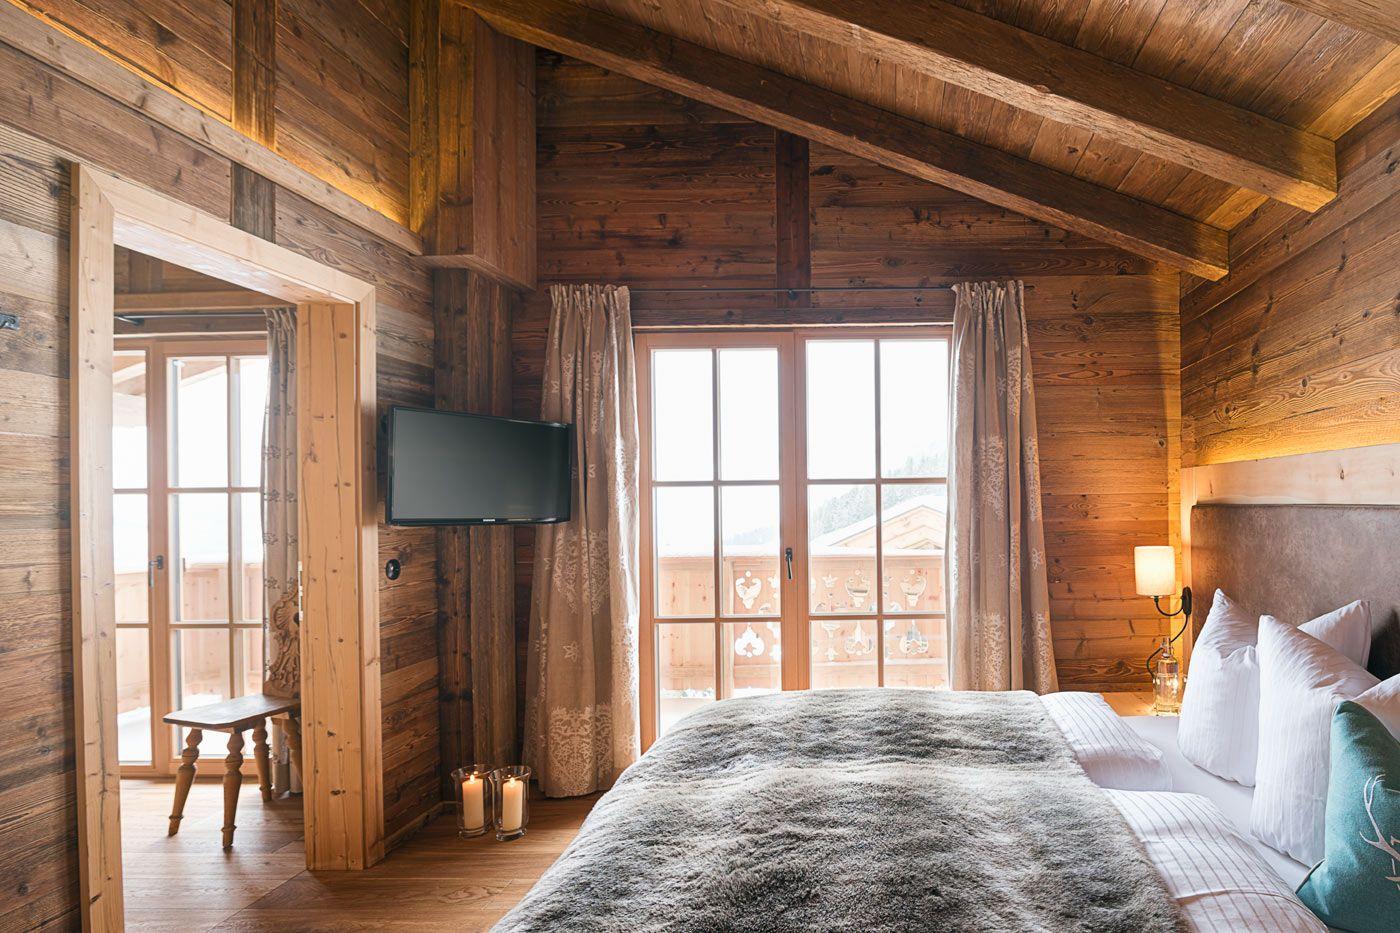 Schlafzimmer Ansicht Des Luxus Ferienhauses Sporer Alm In Tirol